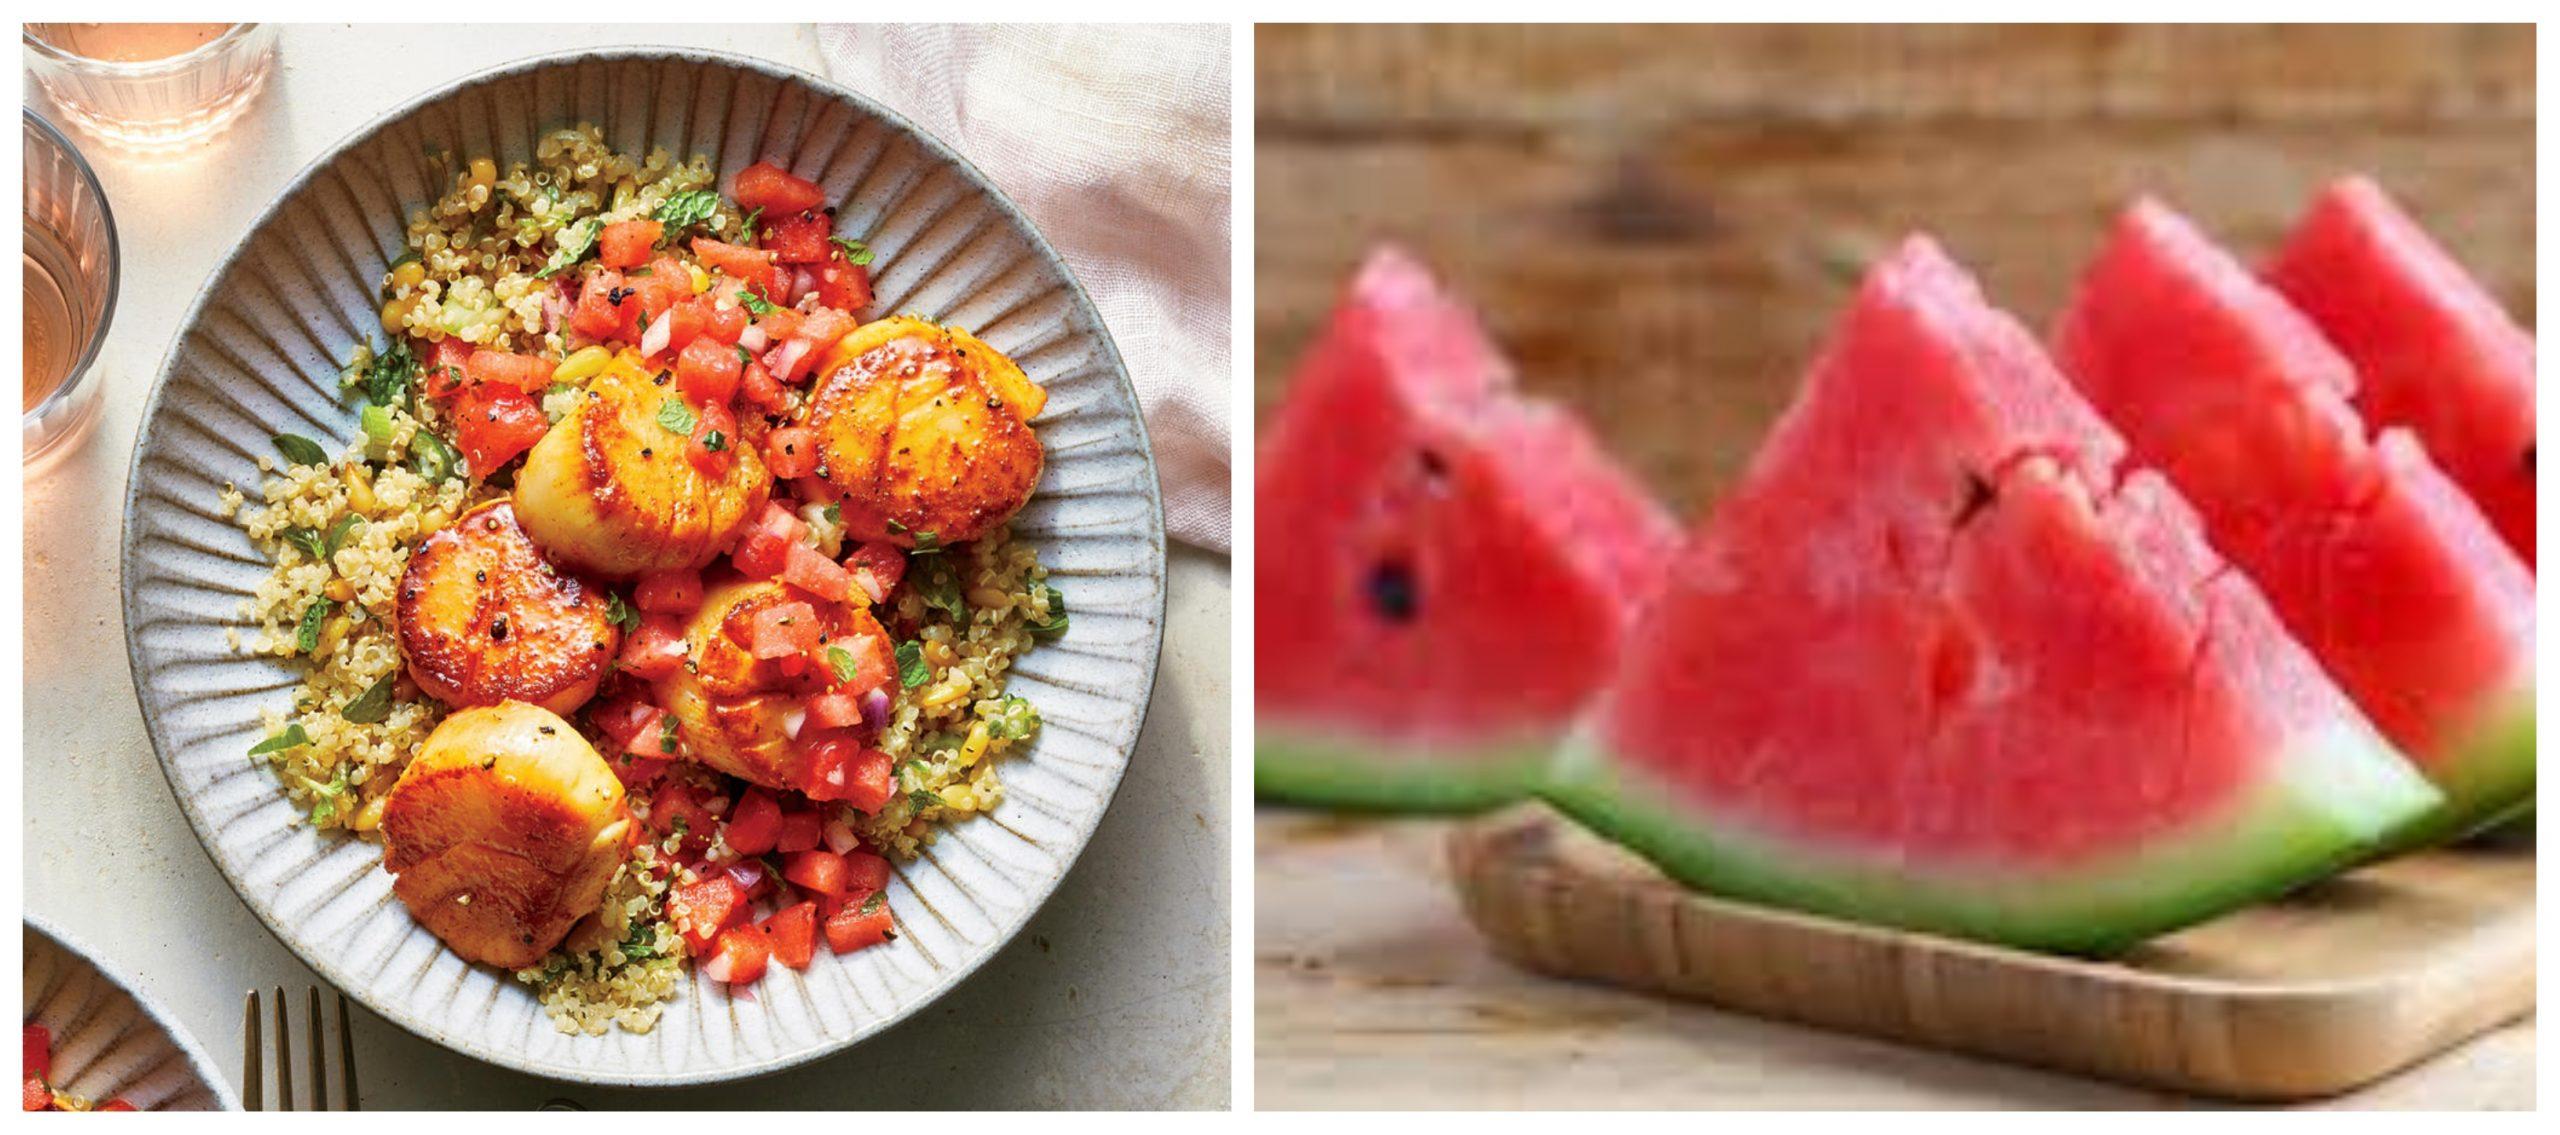 وصفة بهارات البطيخ